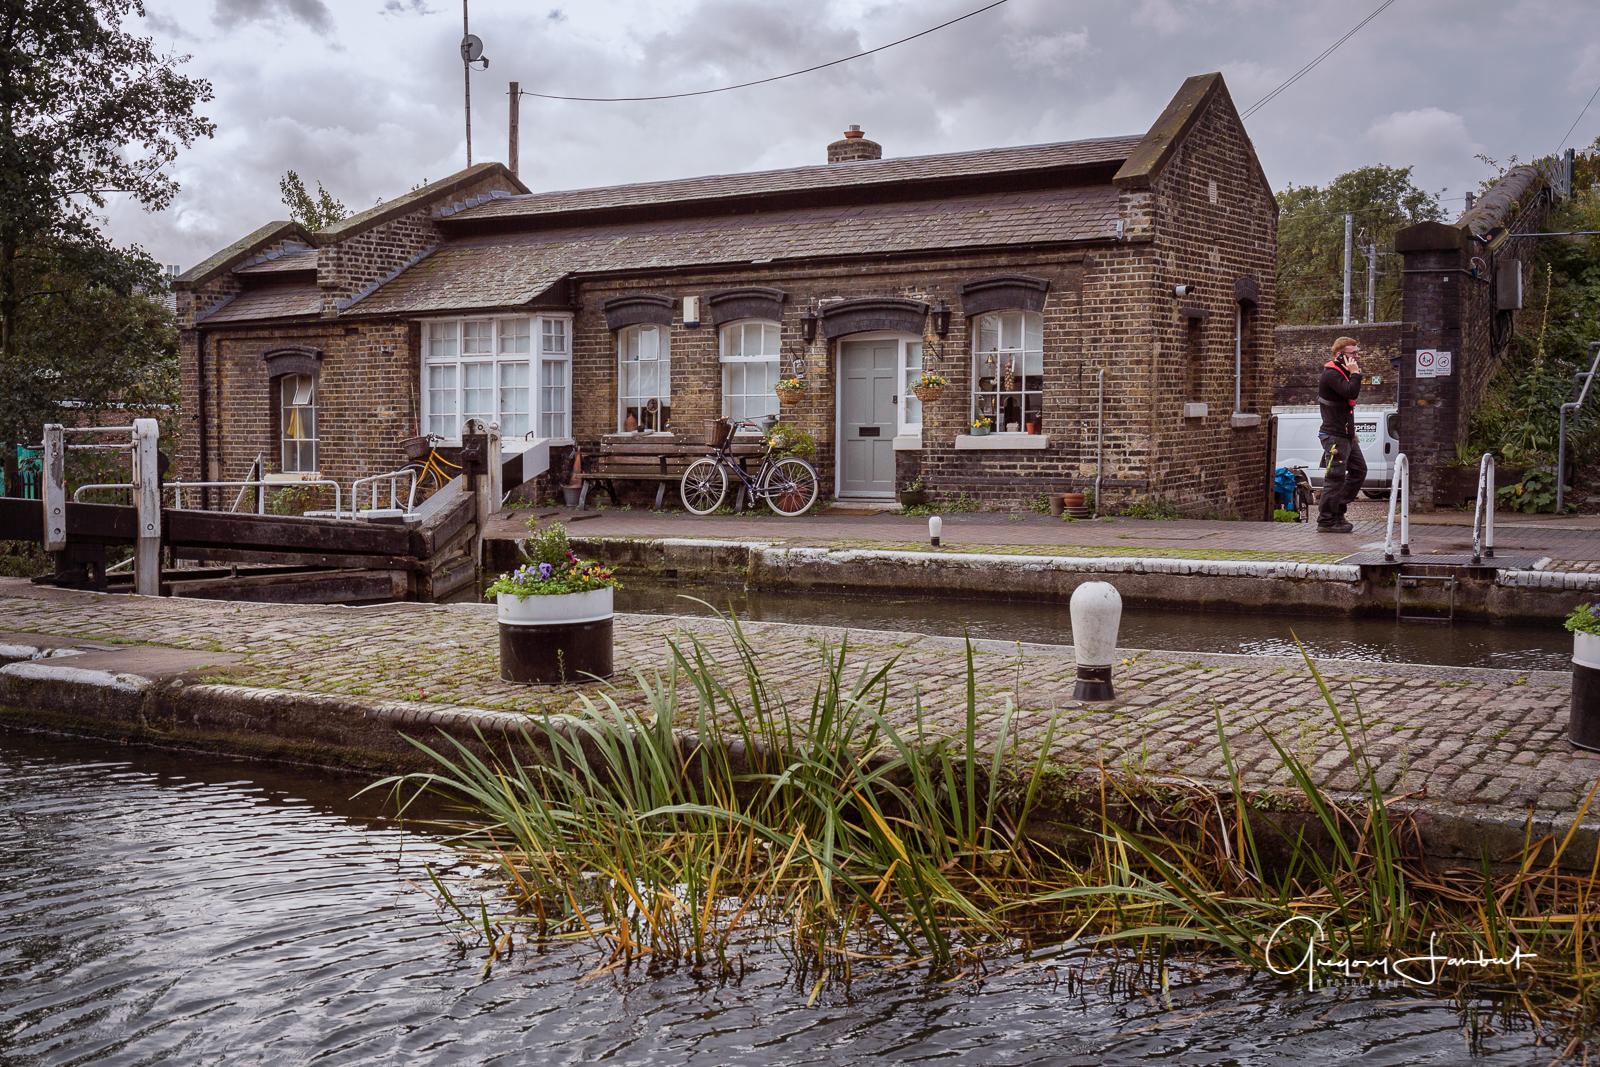 20161018_Camden_Regents-Canal_St-Pancras-Lock